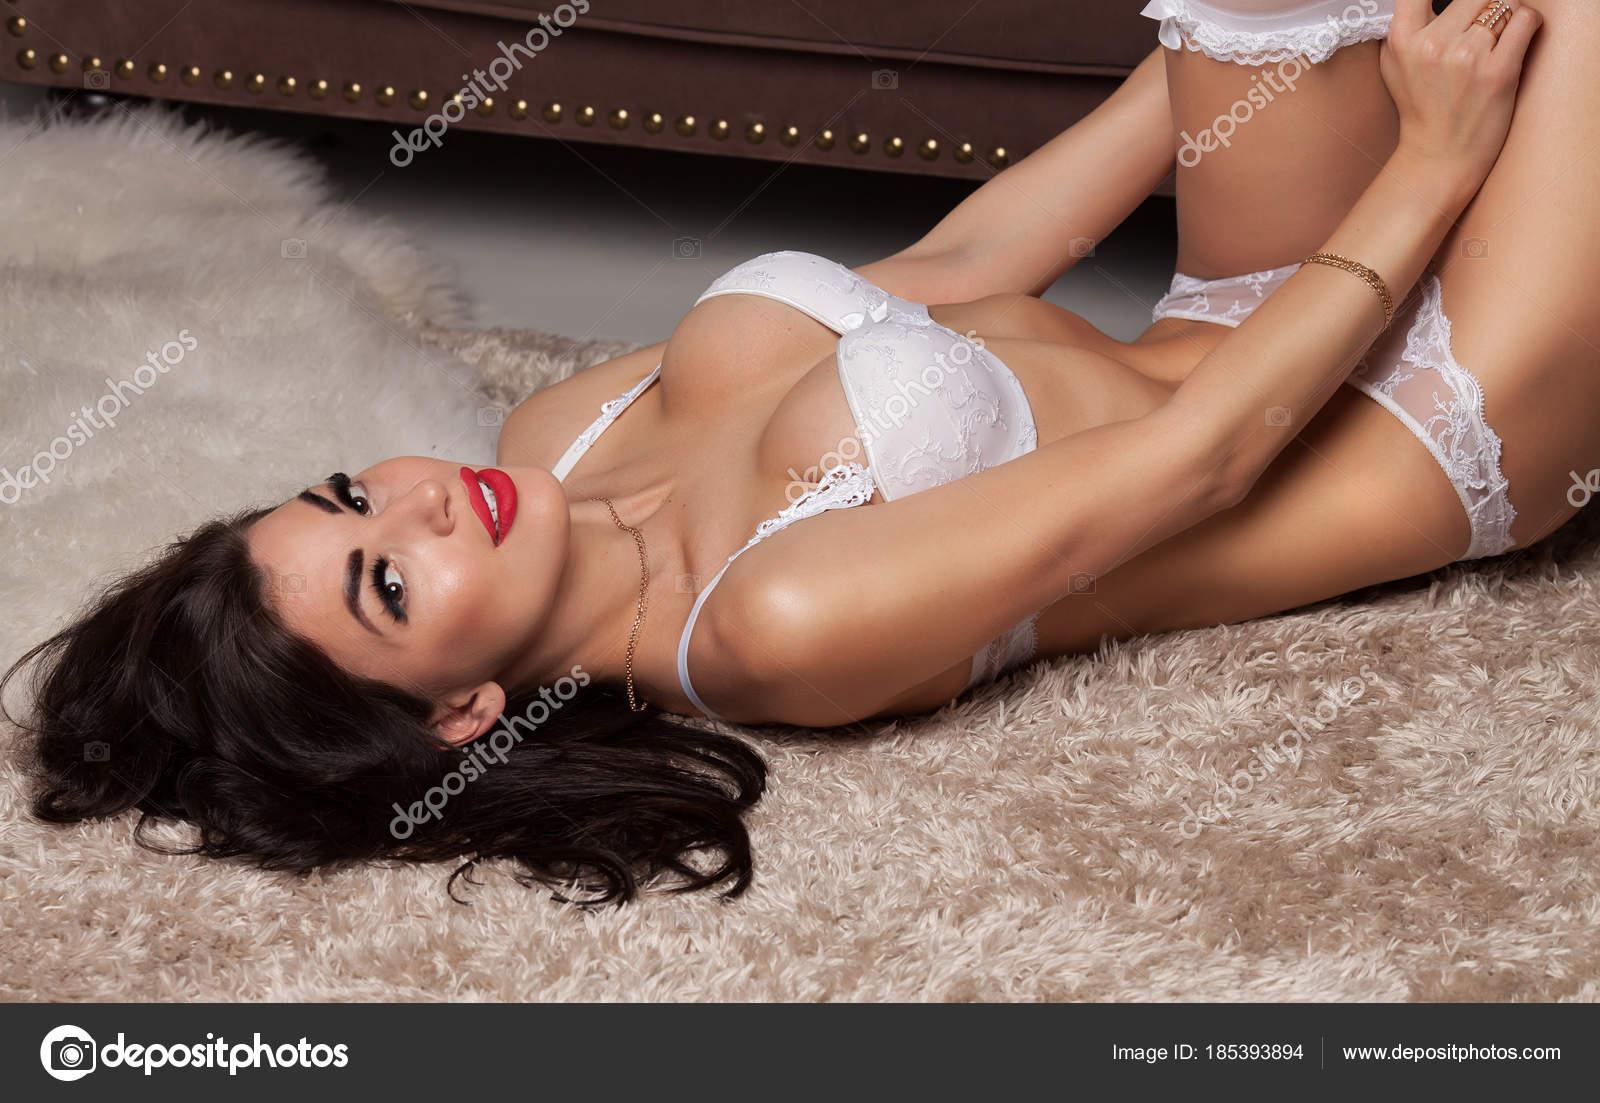 Красивые позы в сексе с подвязками